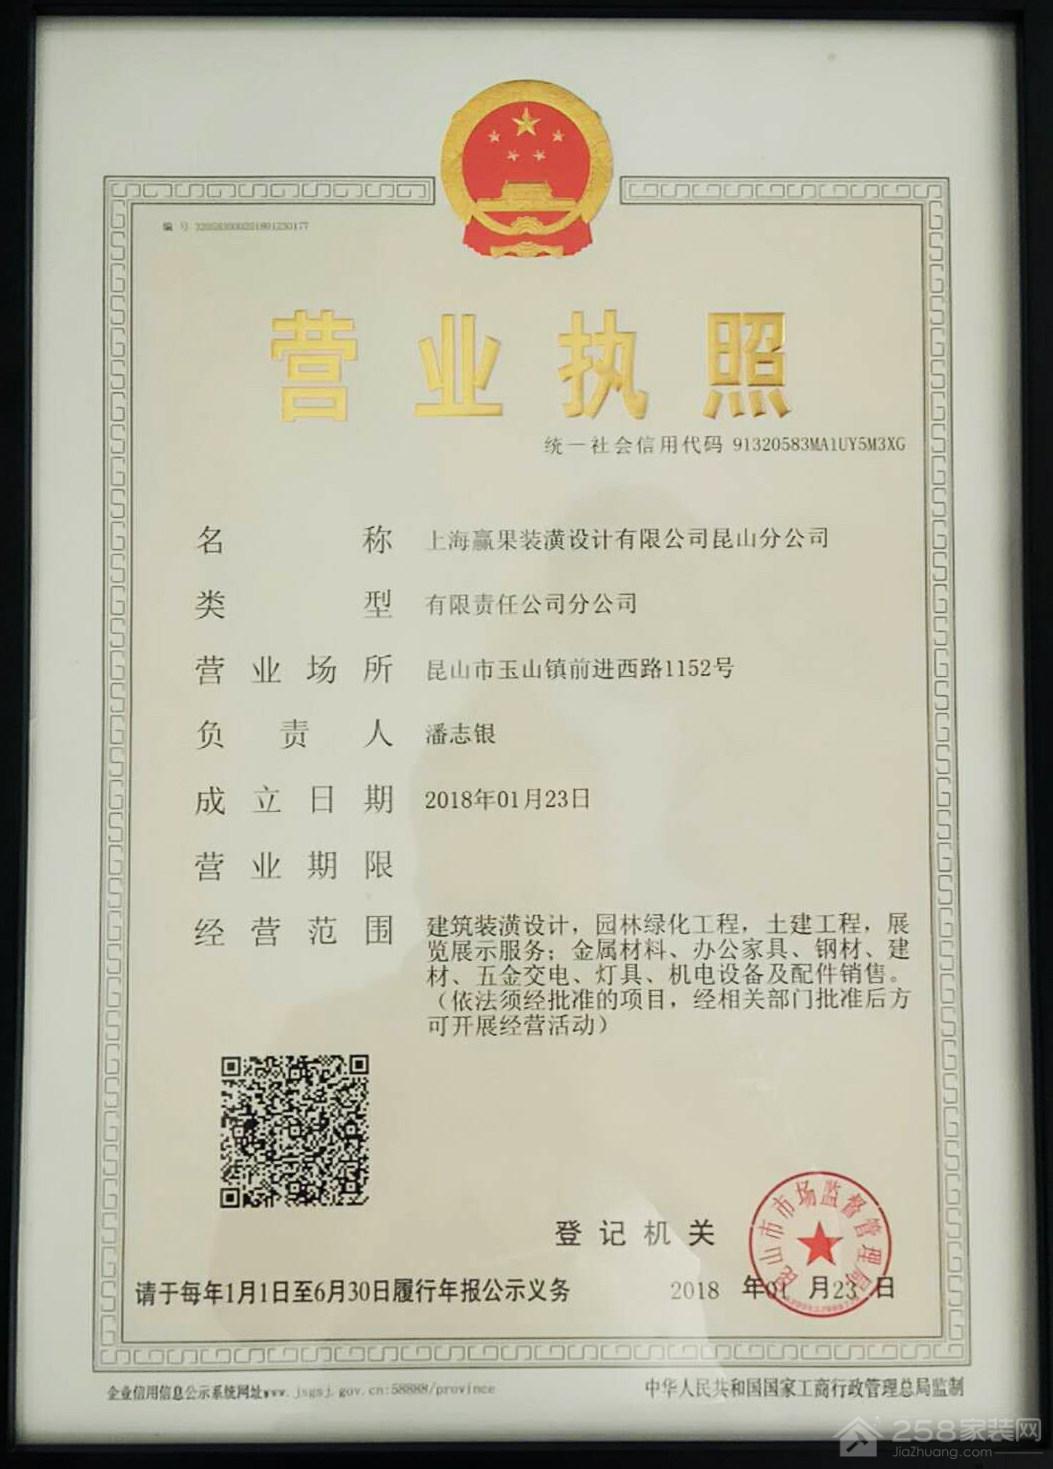 上海赢果装潢设计有限公司昆山分公司